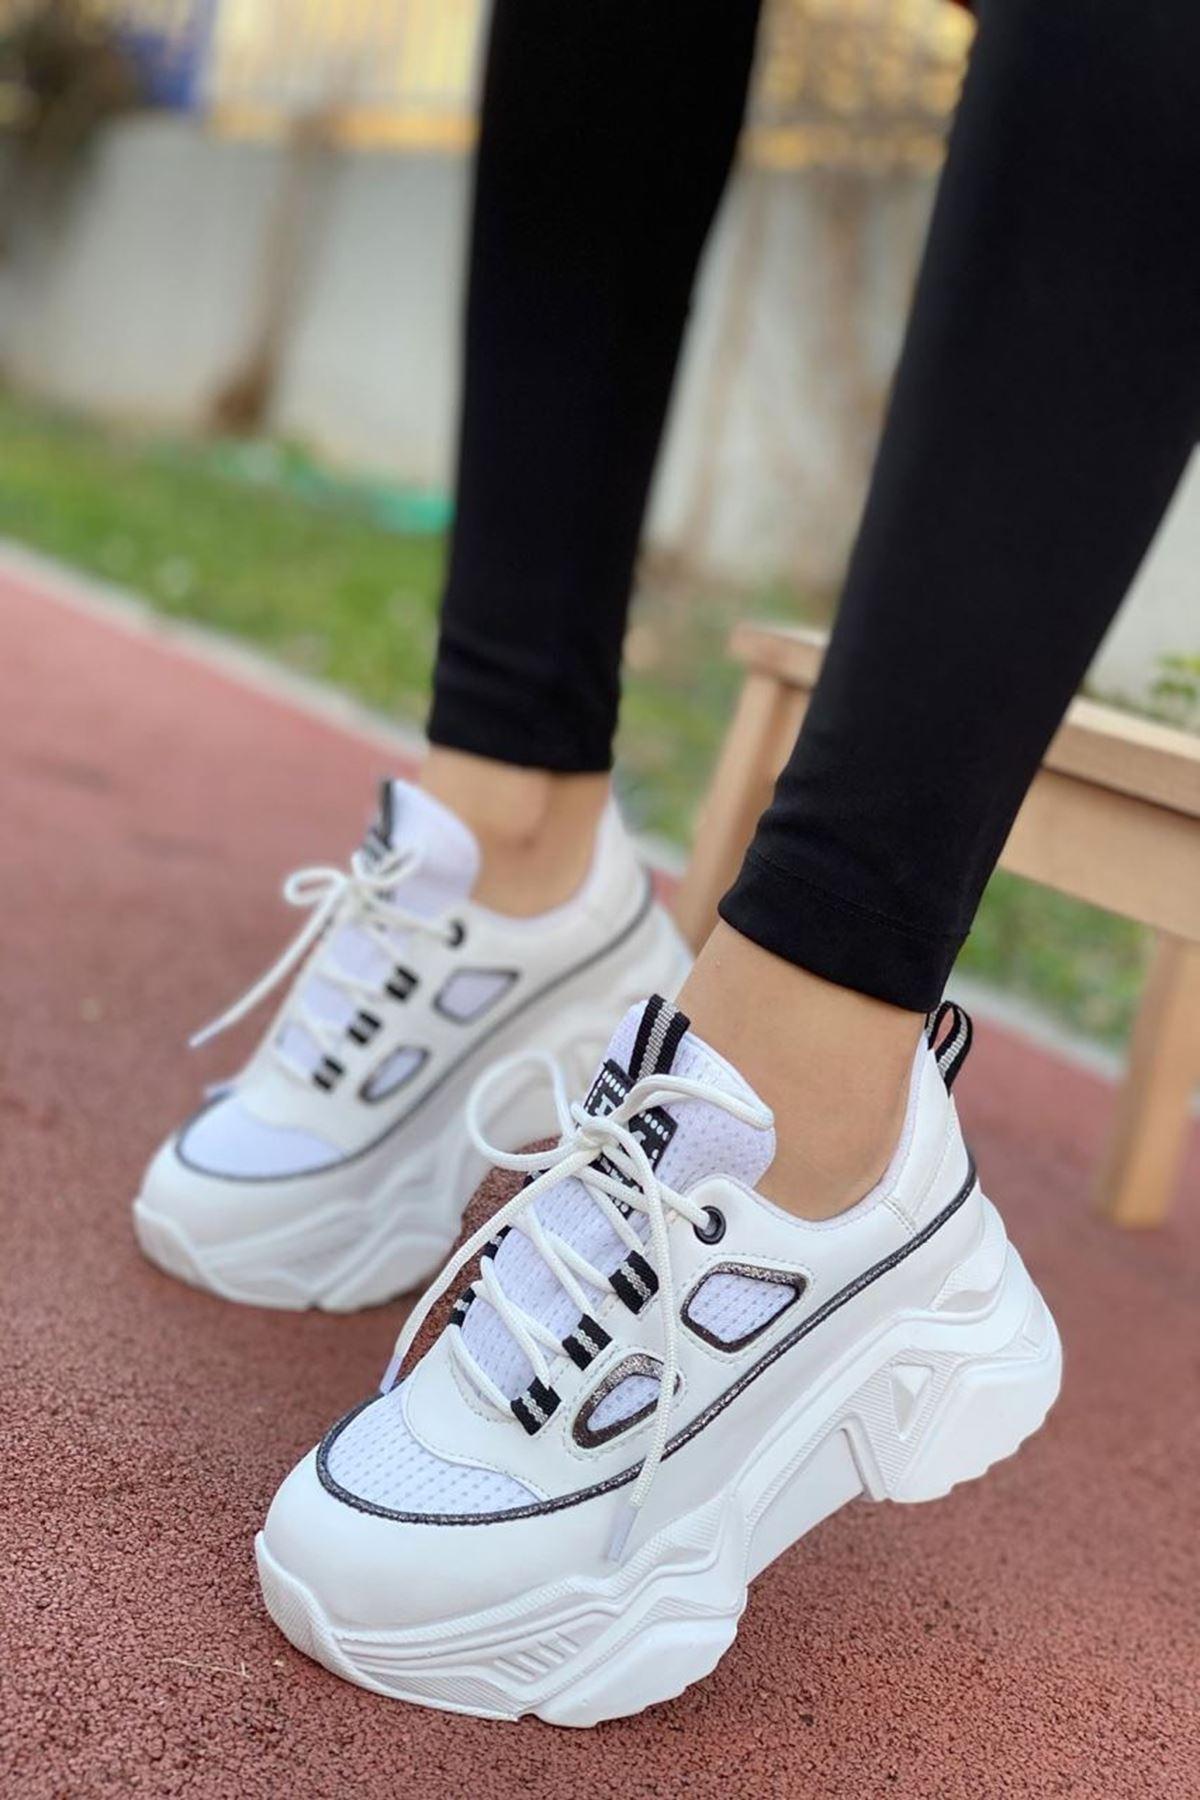 Kadın Skol  Sneakers Ayakkabı Beyaz Siyah